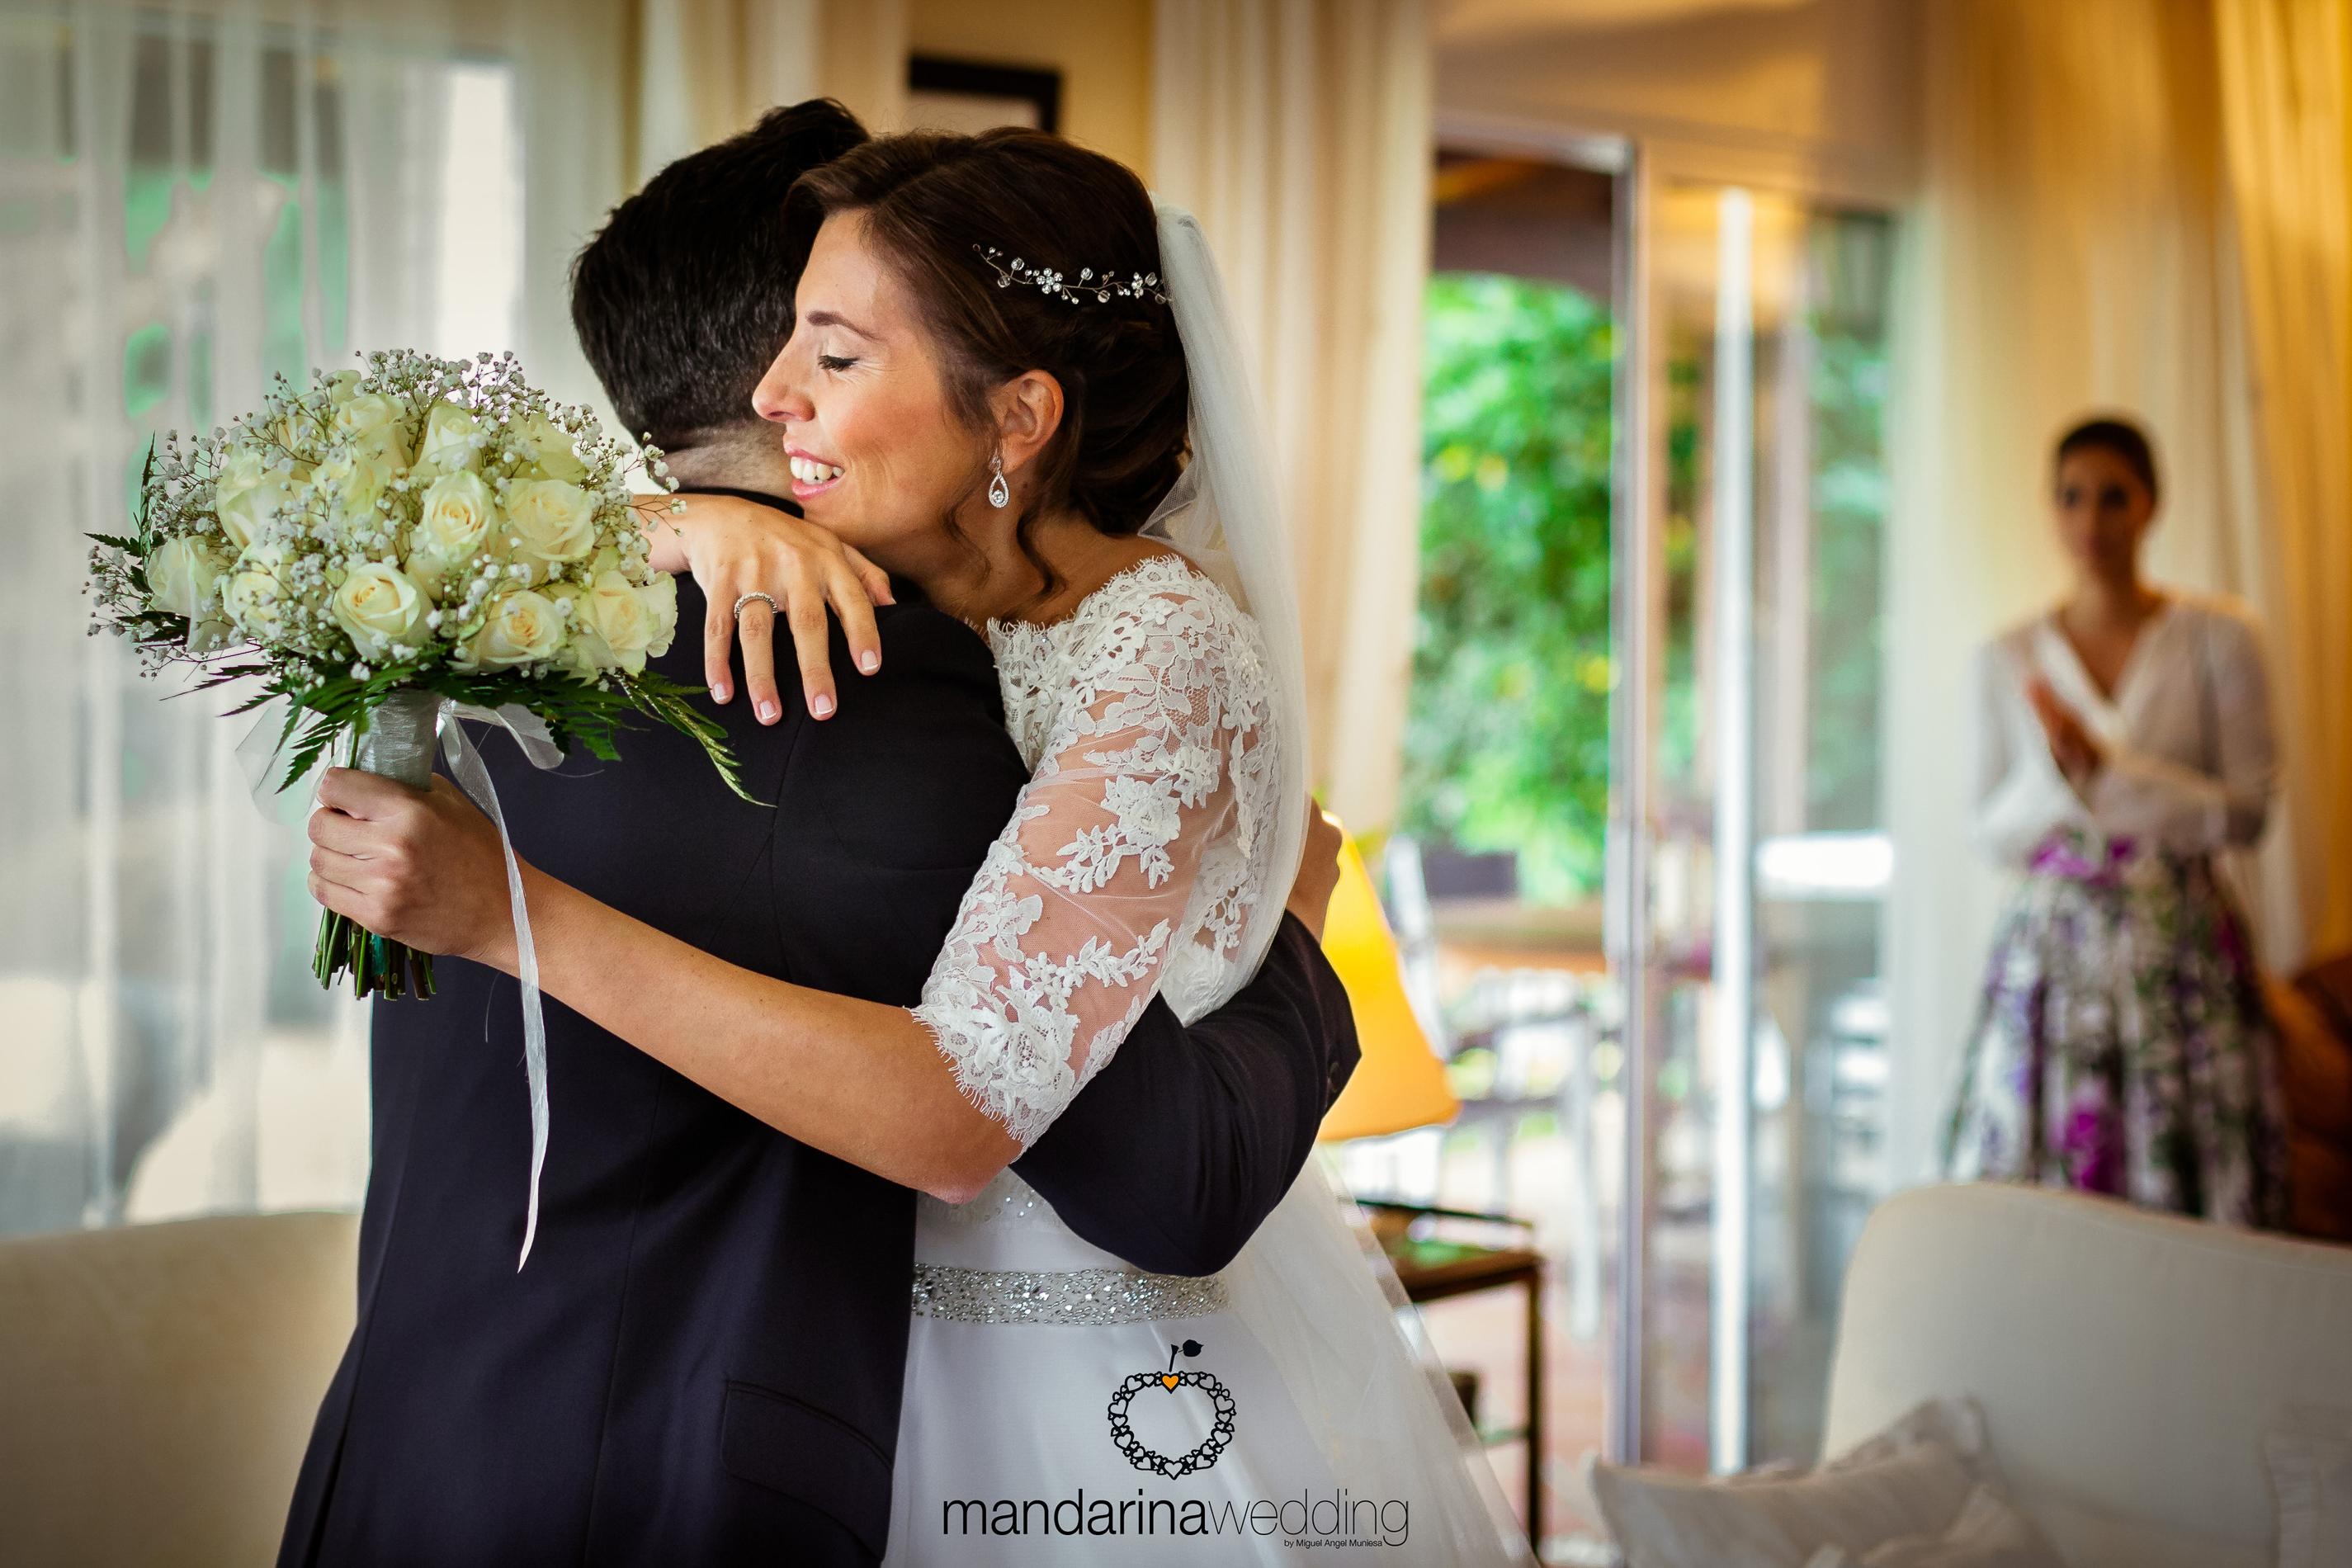 mandarina-wedding-fotografos-boda-zaragoza-bodas-fotografia-de-boda-fotografos-de-boda_09